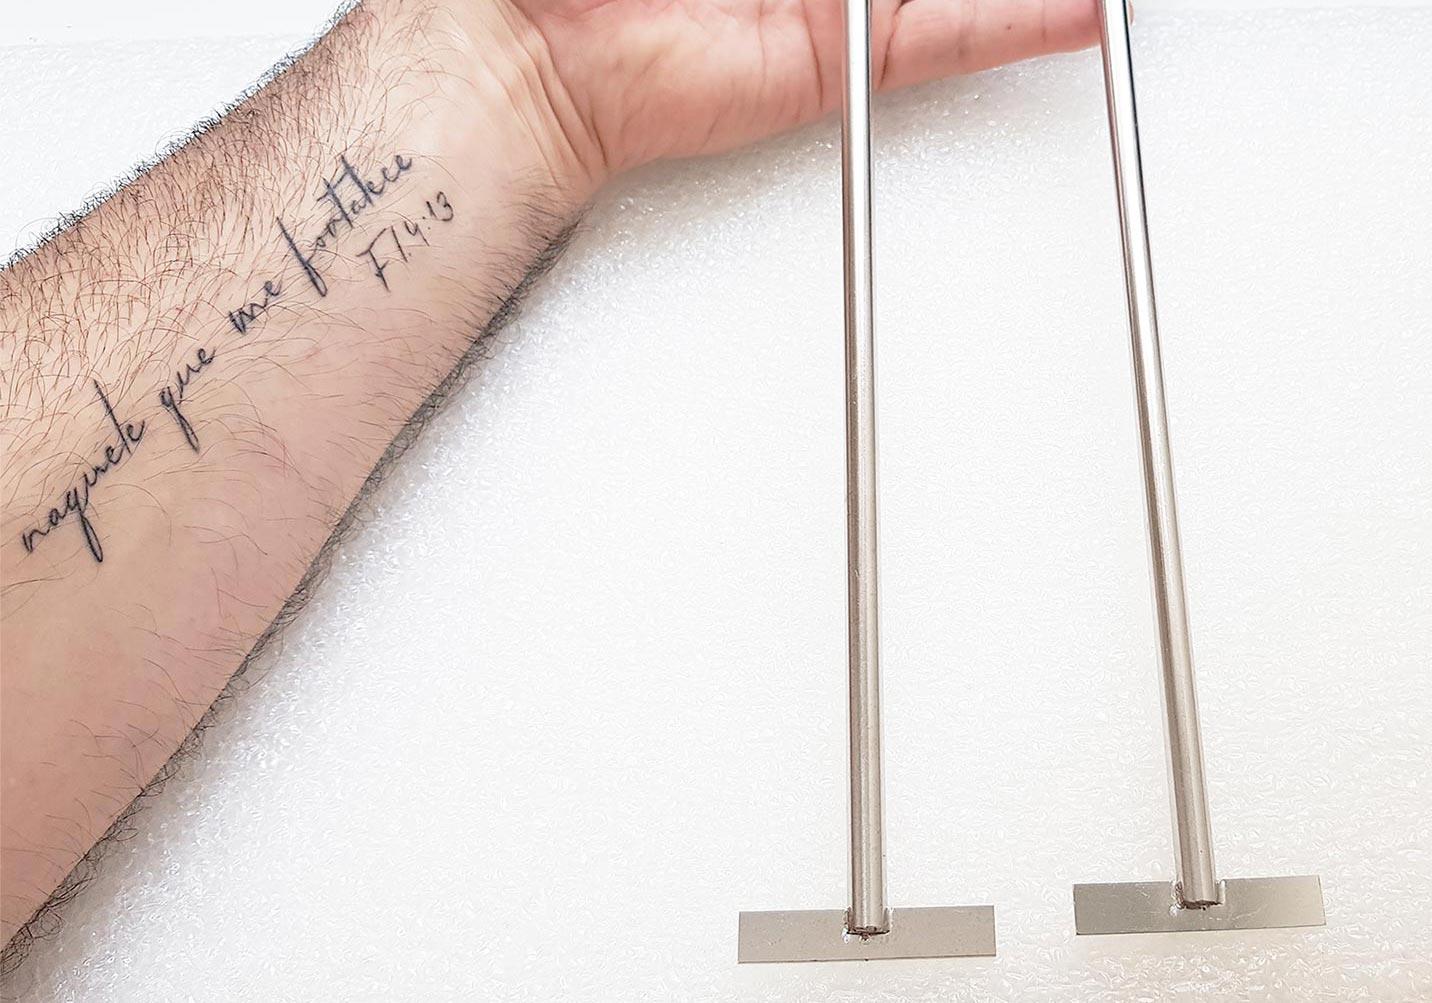 Agitador de laboratório com 2 pás retas